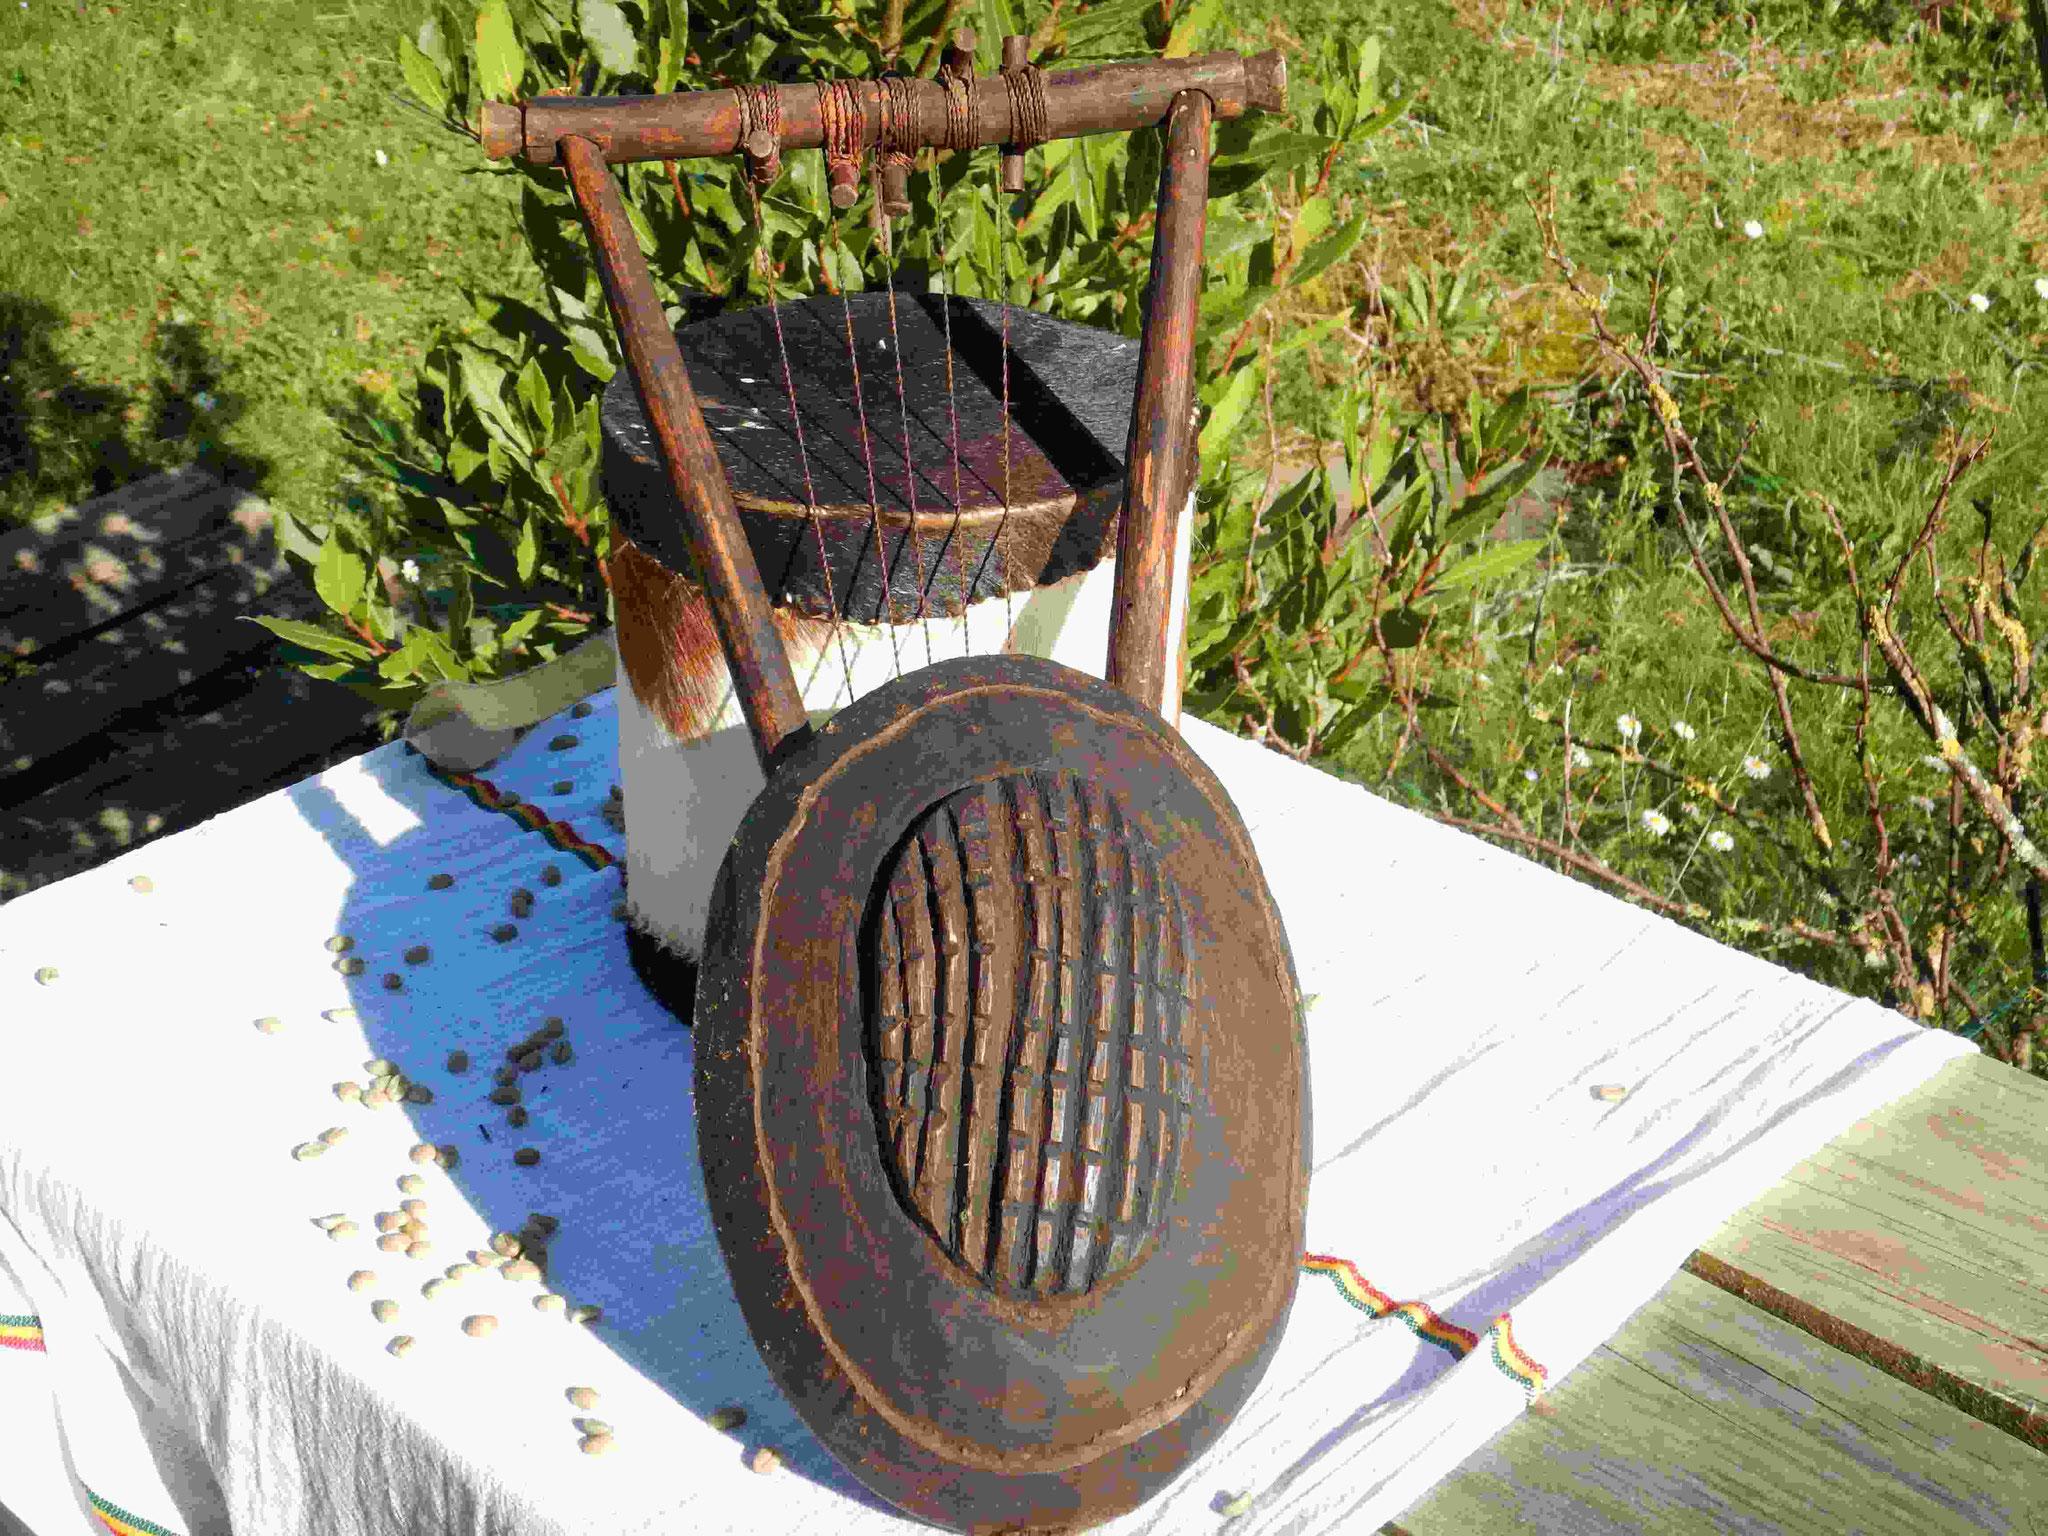 Masinko Kebero éthiopien Ethiopie Artisanat ethiopien Epices éthiopiennes made by locals solidaire équitable artisanat textils Café ethiopie Moringa Bio voyage Ethiopie